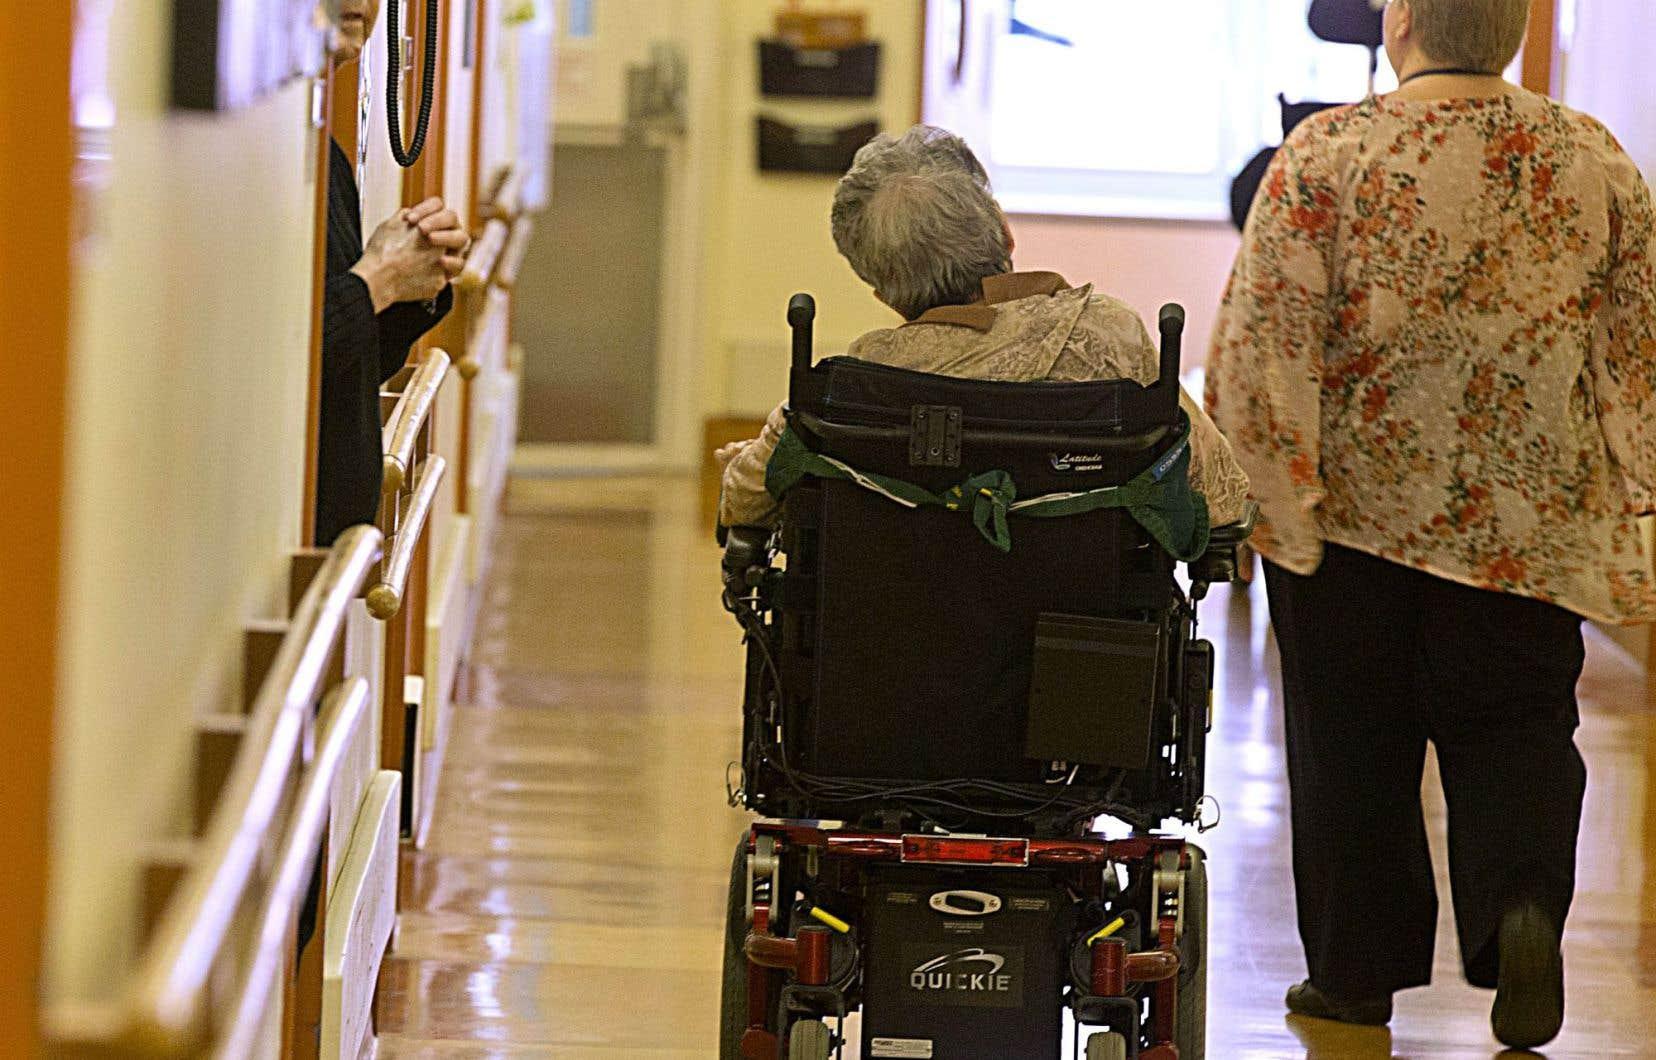 Le nombre de personnes inaptes nécessitant des mesures de protection augmente de 2% par an. Les cas sont également lourds, avec près de la moitié des nouveaux clients du Curateur souffrant d'une maladie dégénérative.